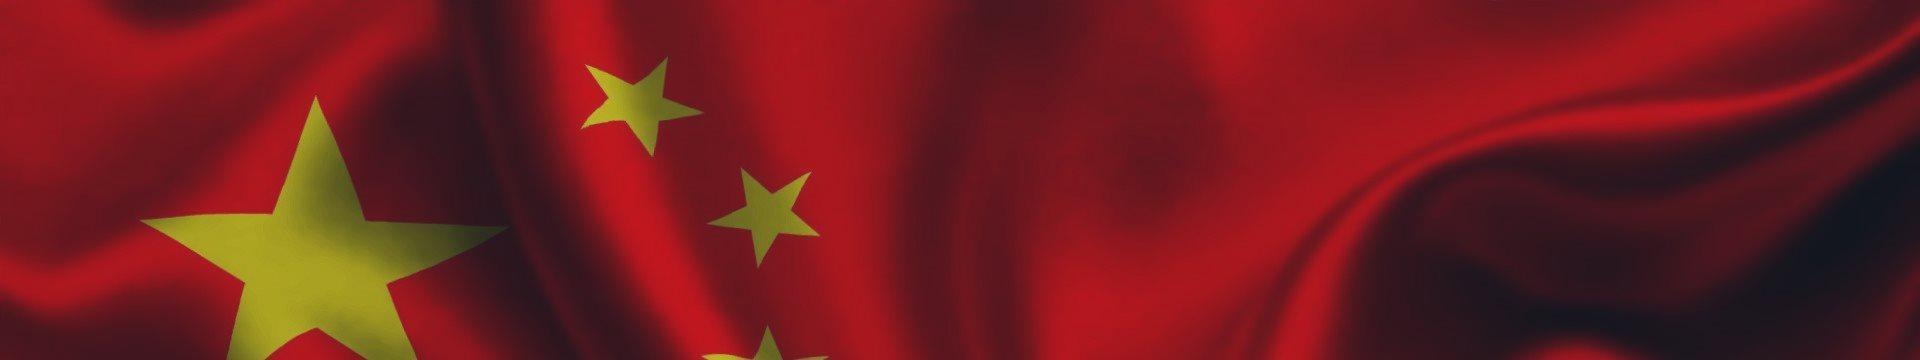 Las compañías chinas Wanda, Tencent y Baidu lanzan una empresa de comercio electrónico